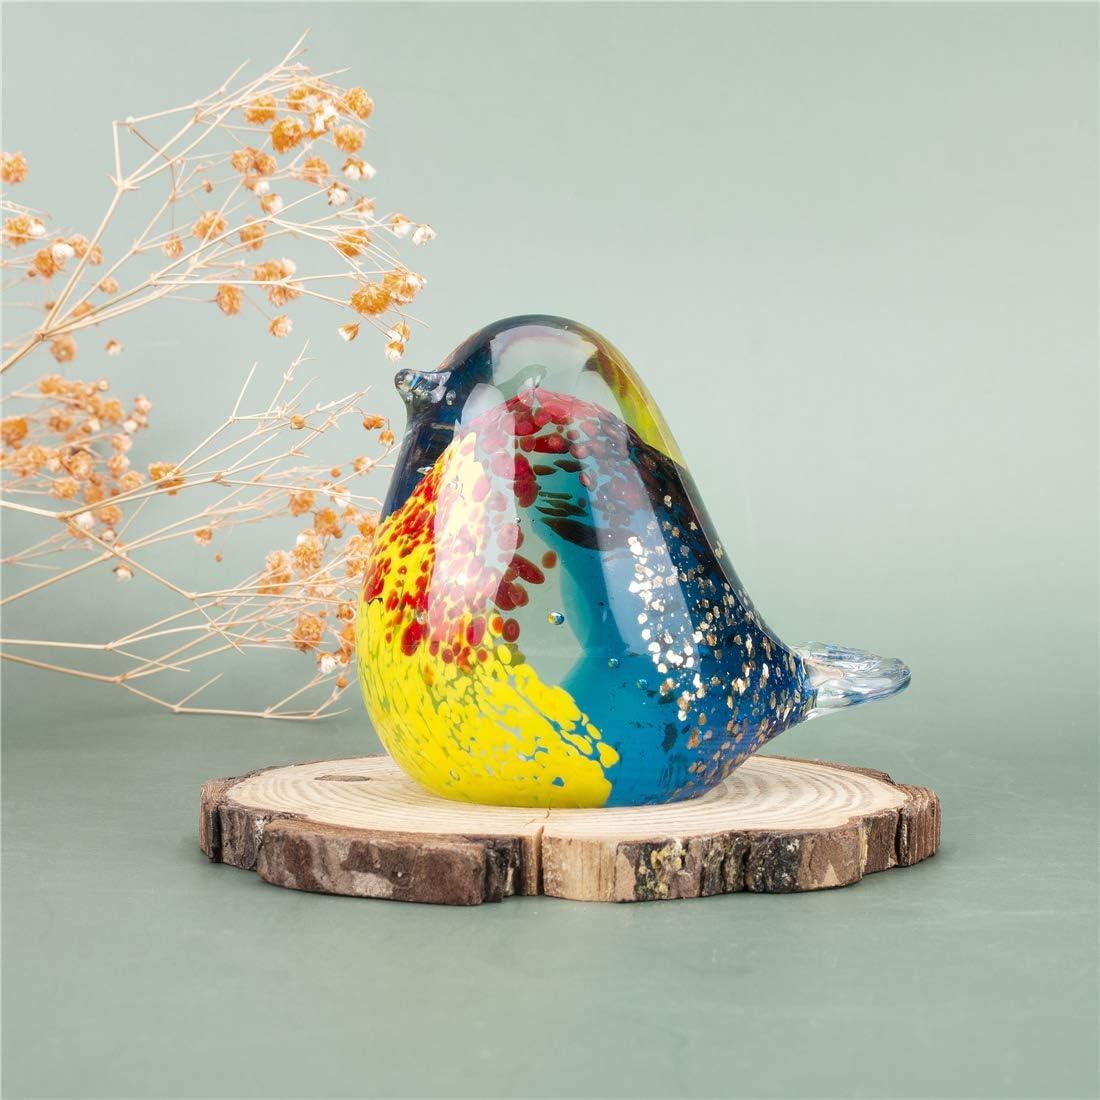 dise/ño de animales Figura de p/ájaro de cristal hecha a mano BONAKULA